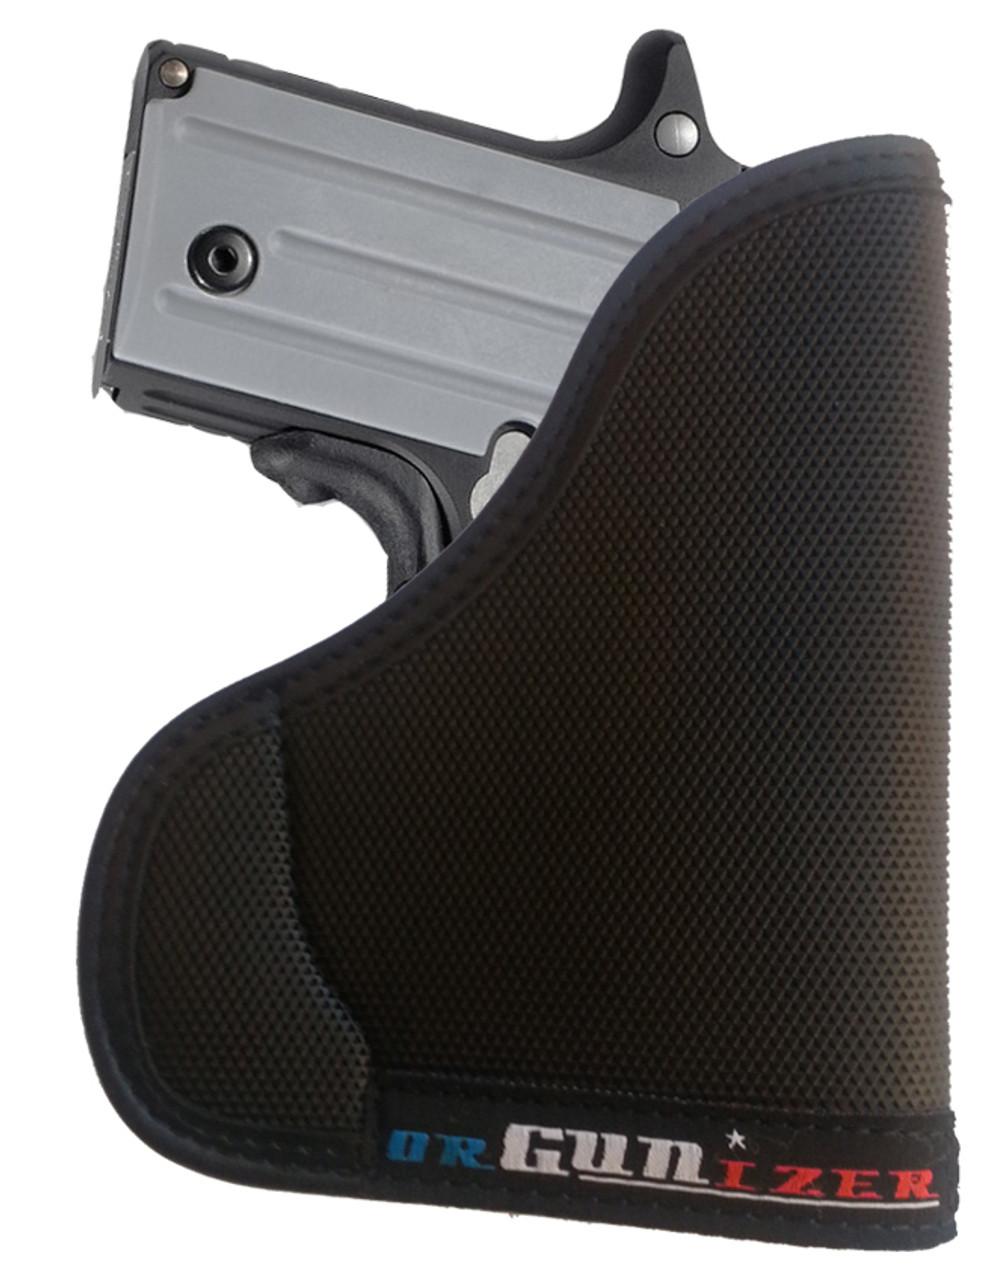 Sig Sauer P238 380 w / Crimson Trace Laser Ambidextrous orGUNizer Pocket Holster by Garrison Grip (C )